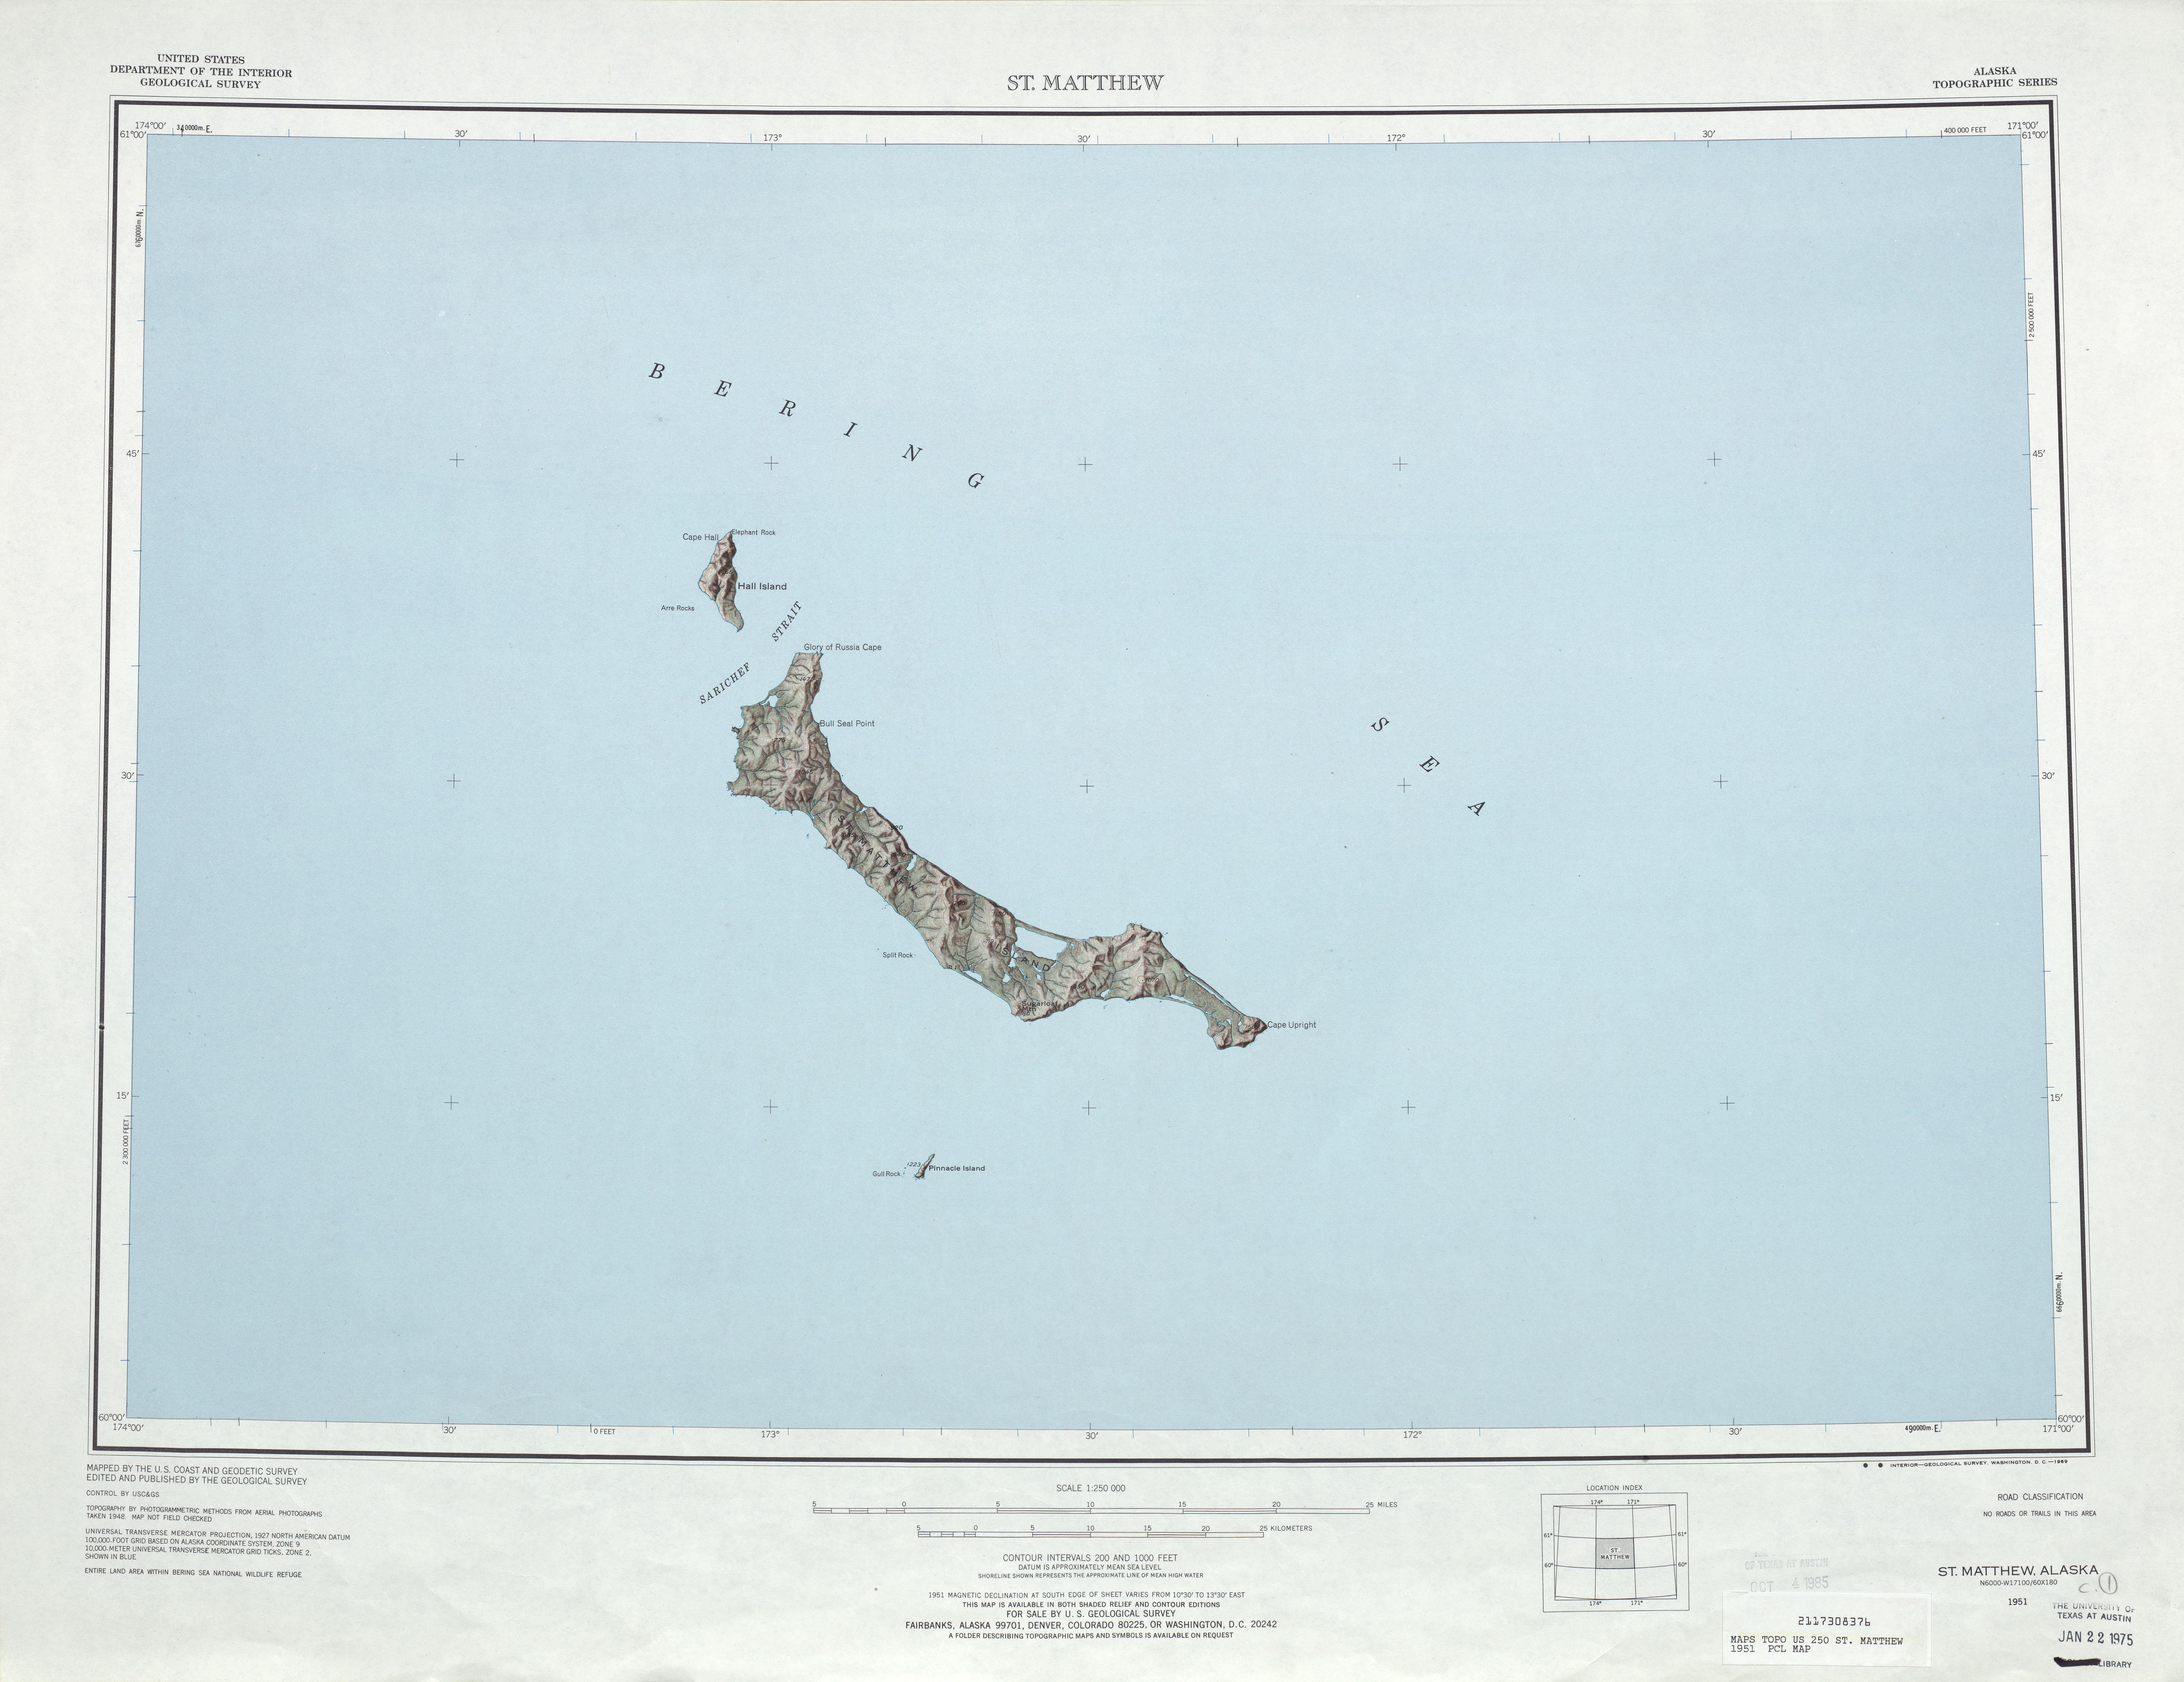 Hoja Saint Matthew del Mapa Topográfico de los Estados Unidos 1951